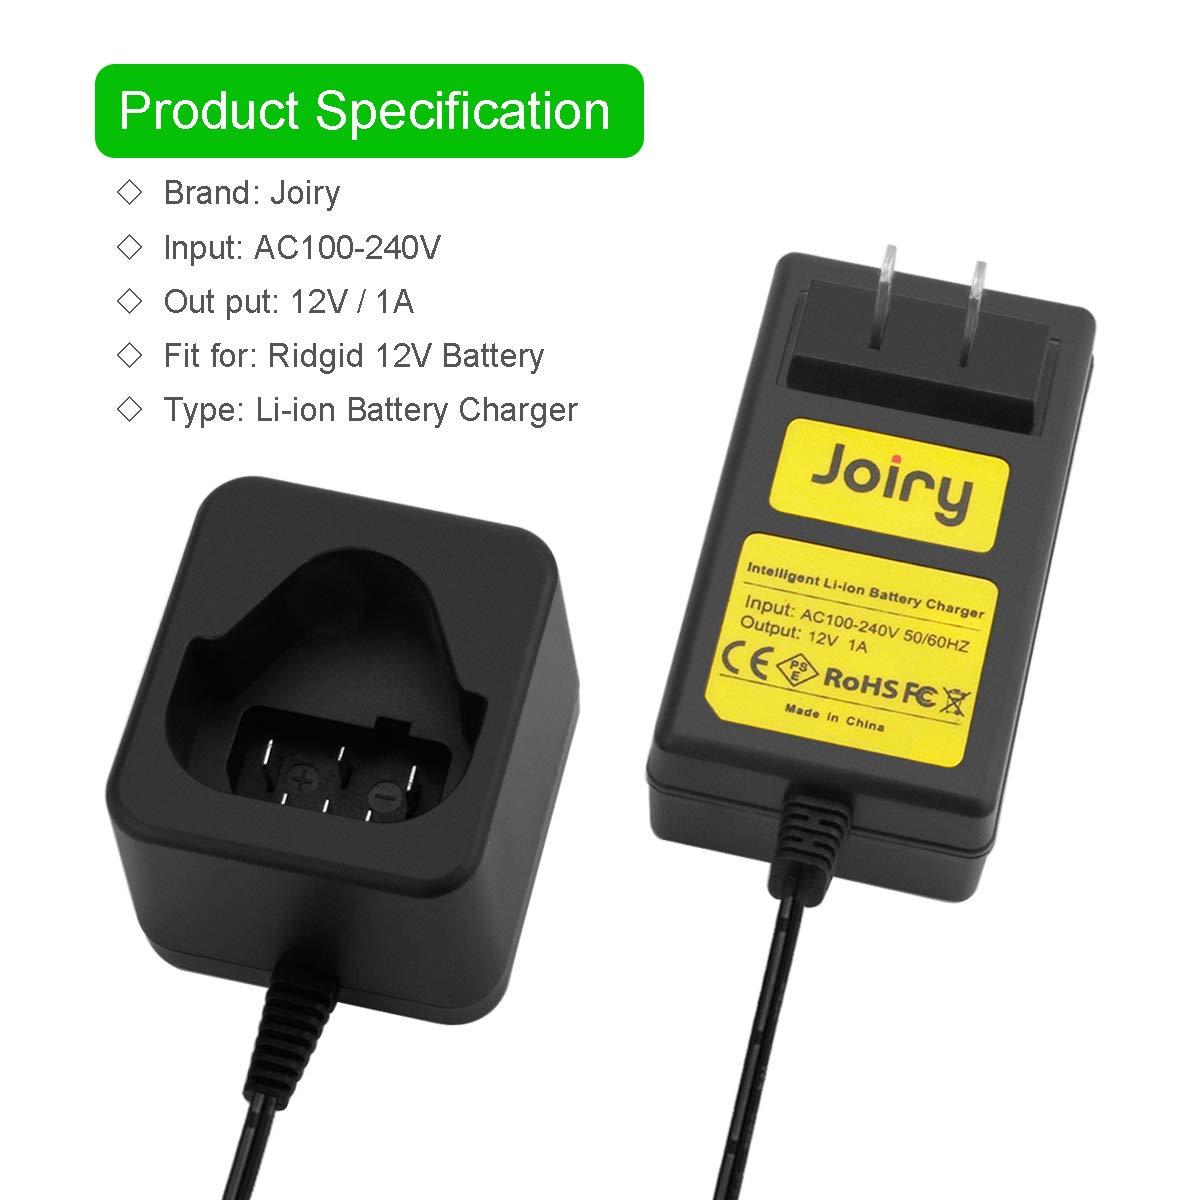 Amazon.com: Joiry 130220001 - Cargador de batería de iones ...